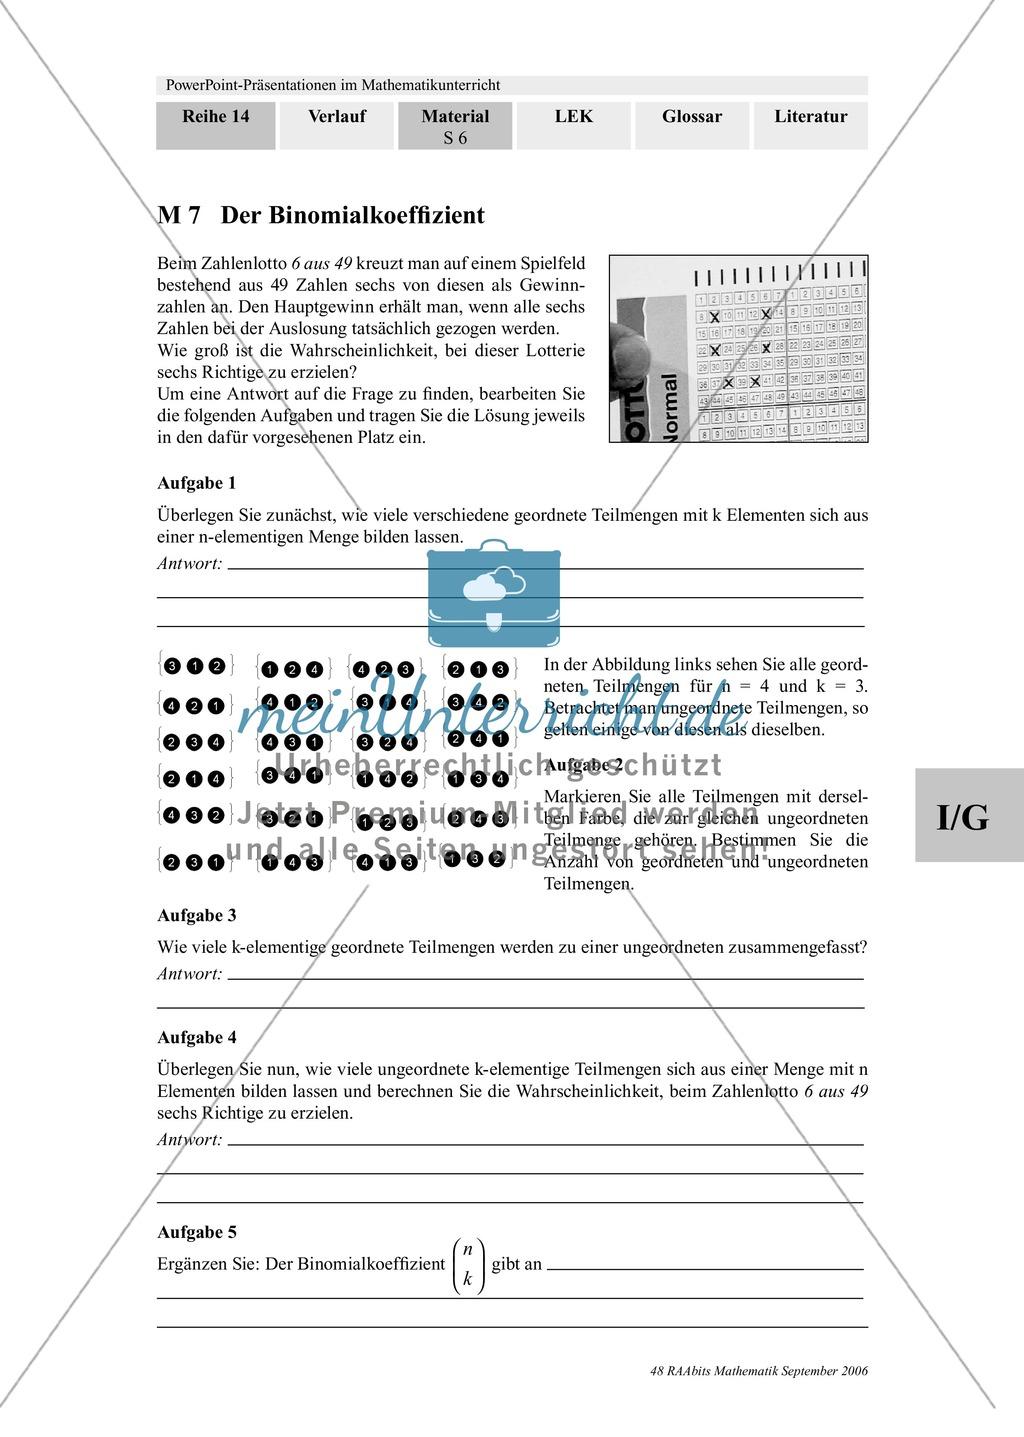 Power-Point-Präsentation und Aufgaben mit Lösungen zum Thema ...